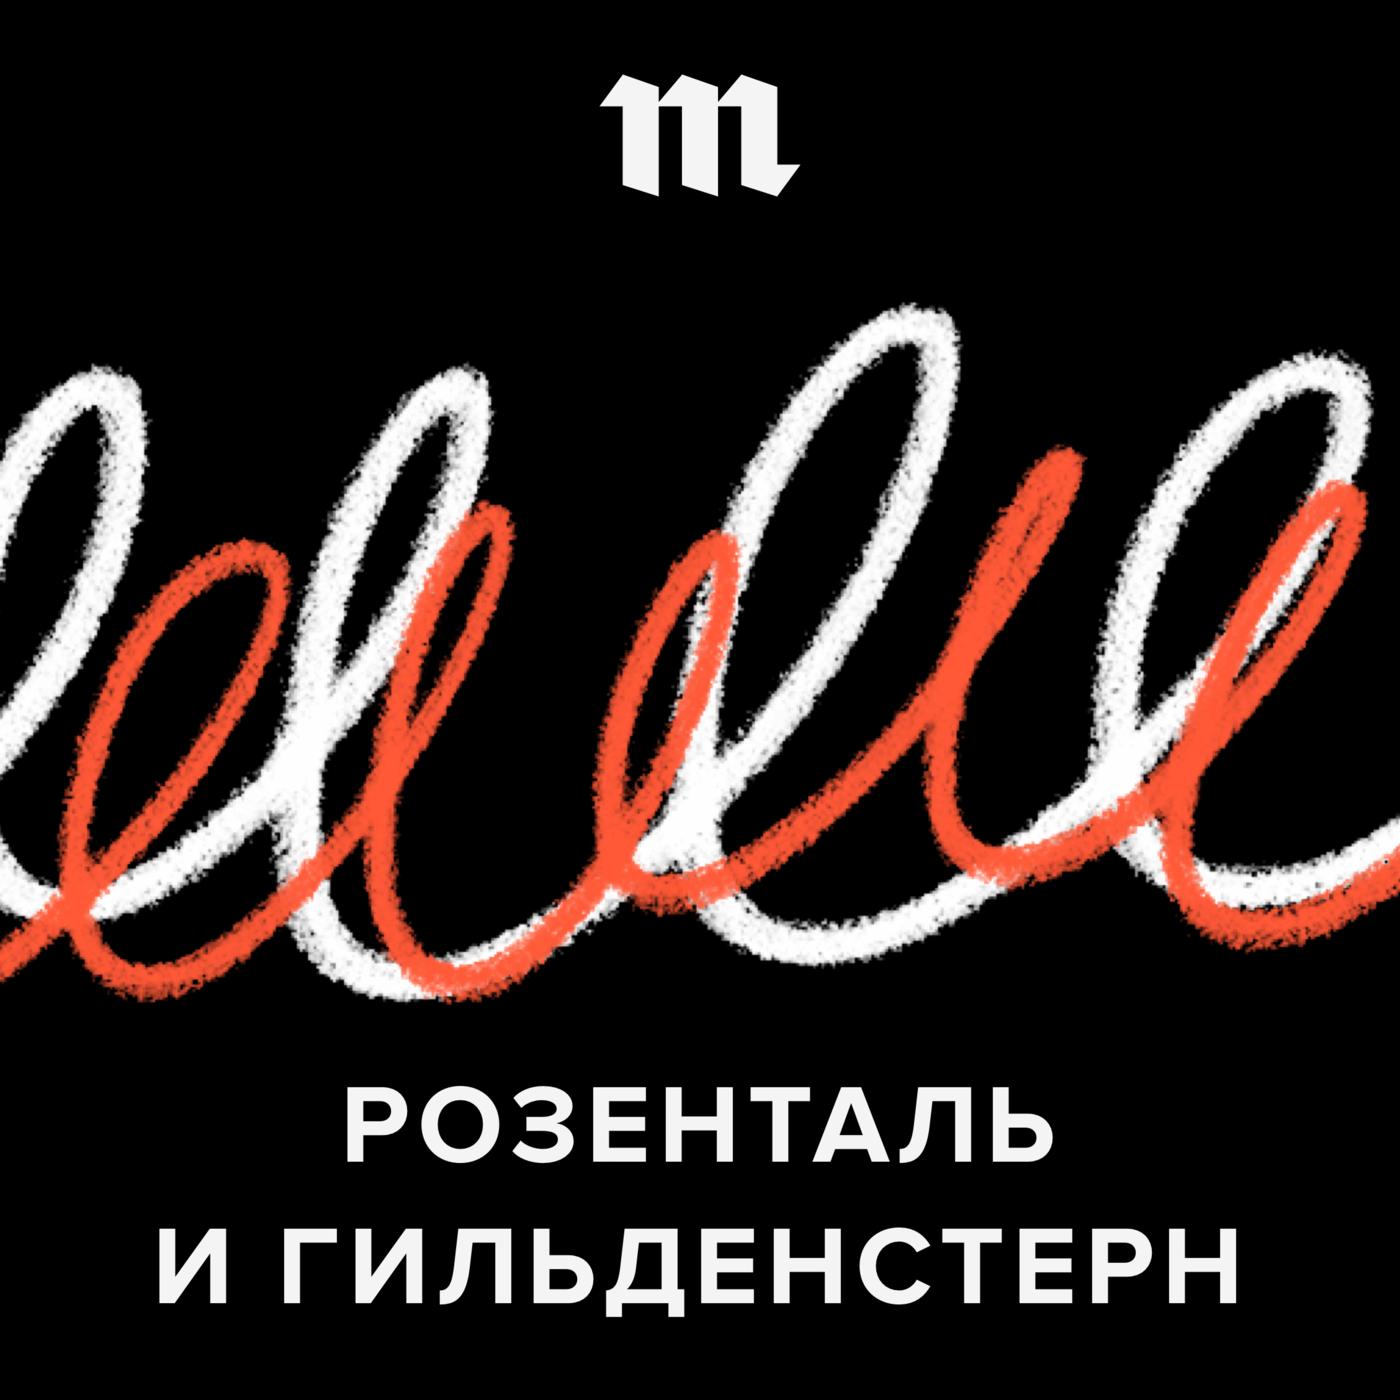 Владимир Пахомов Битва за феминитивы: когда авторки и блогерки станут нормой?